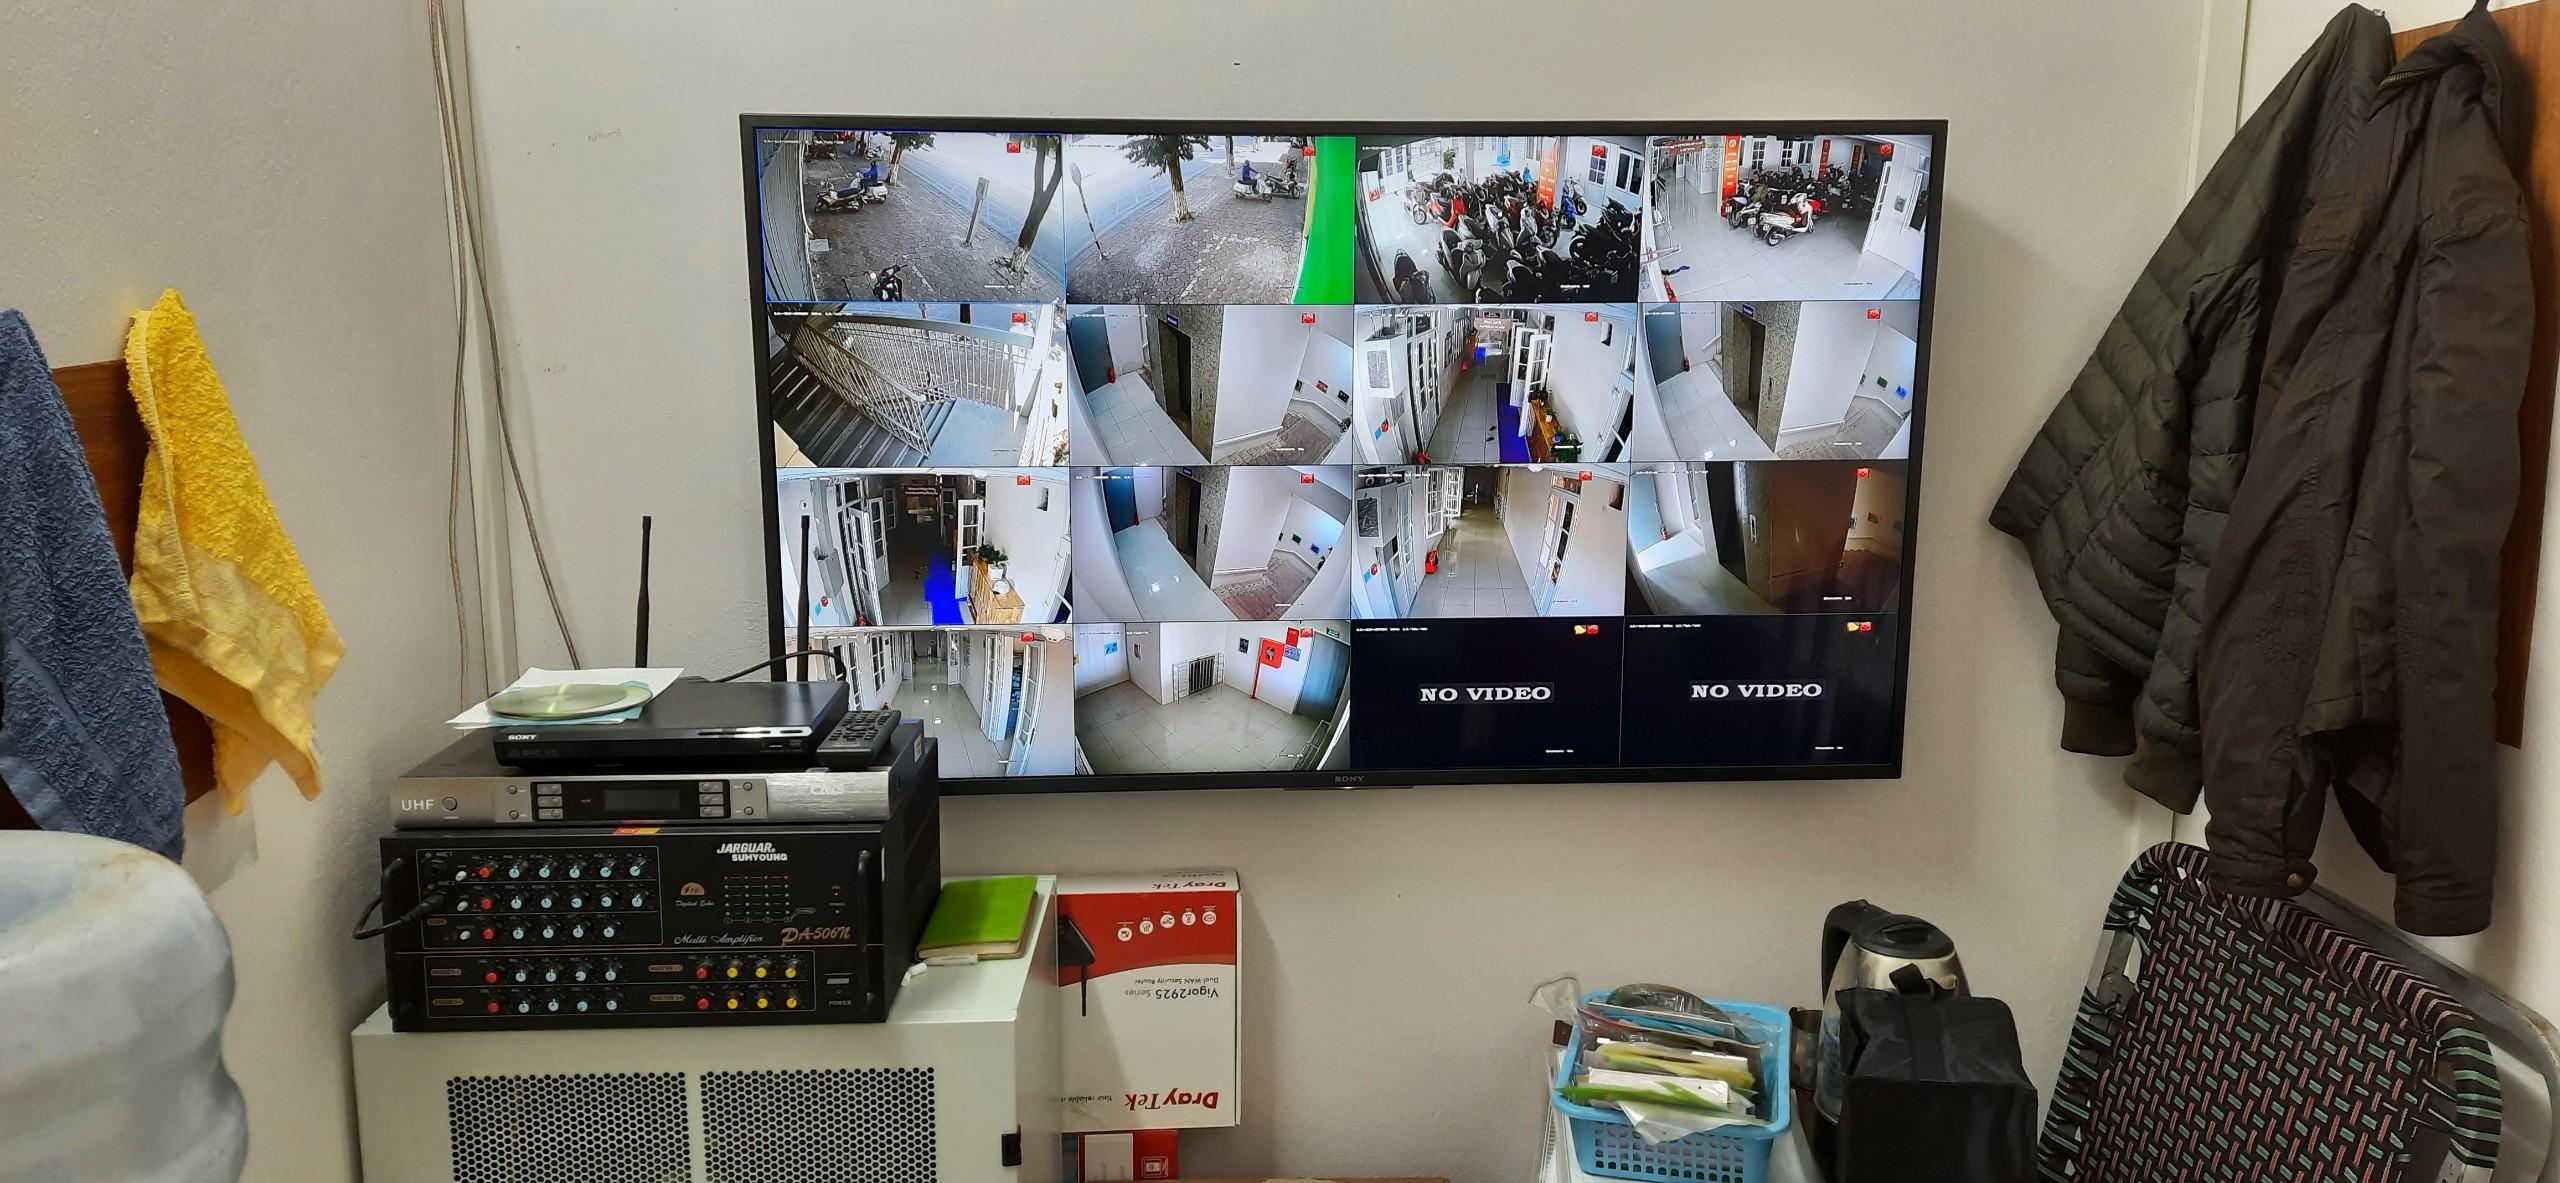 Lắp trọn bộ 14 camera Hikvision 2.0-1080P-tại trường mầm non 147 Nguyễn Thái Học-Ba Đình-Hà Nội